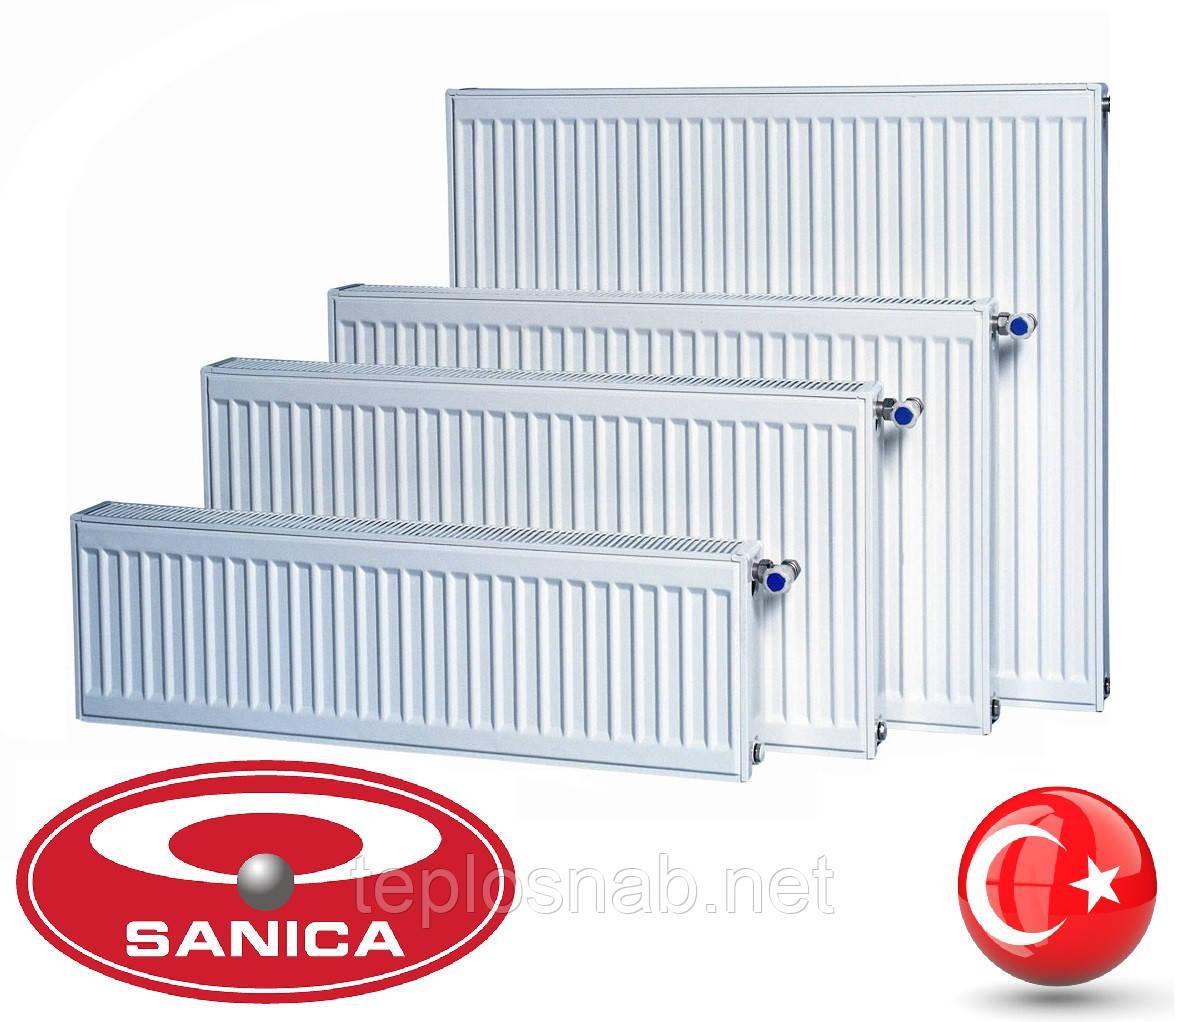 Стальной радиатор Sanica 11 тип (500 х 1300 мм) / 1283 Вт